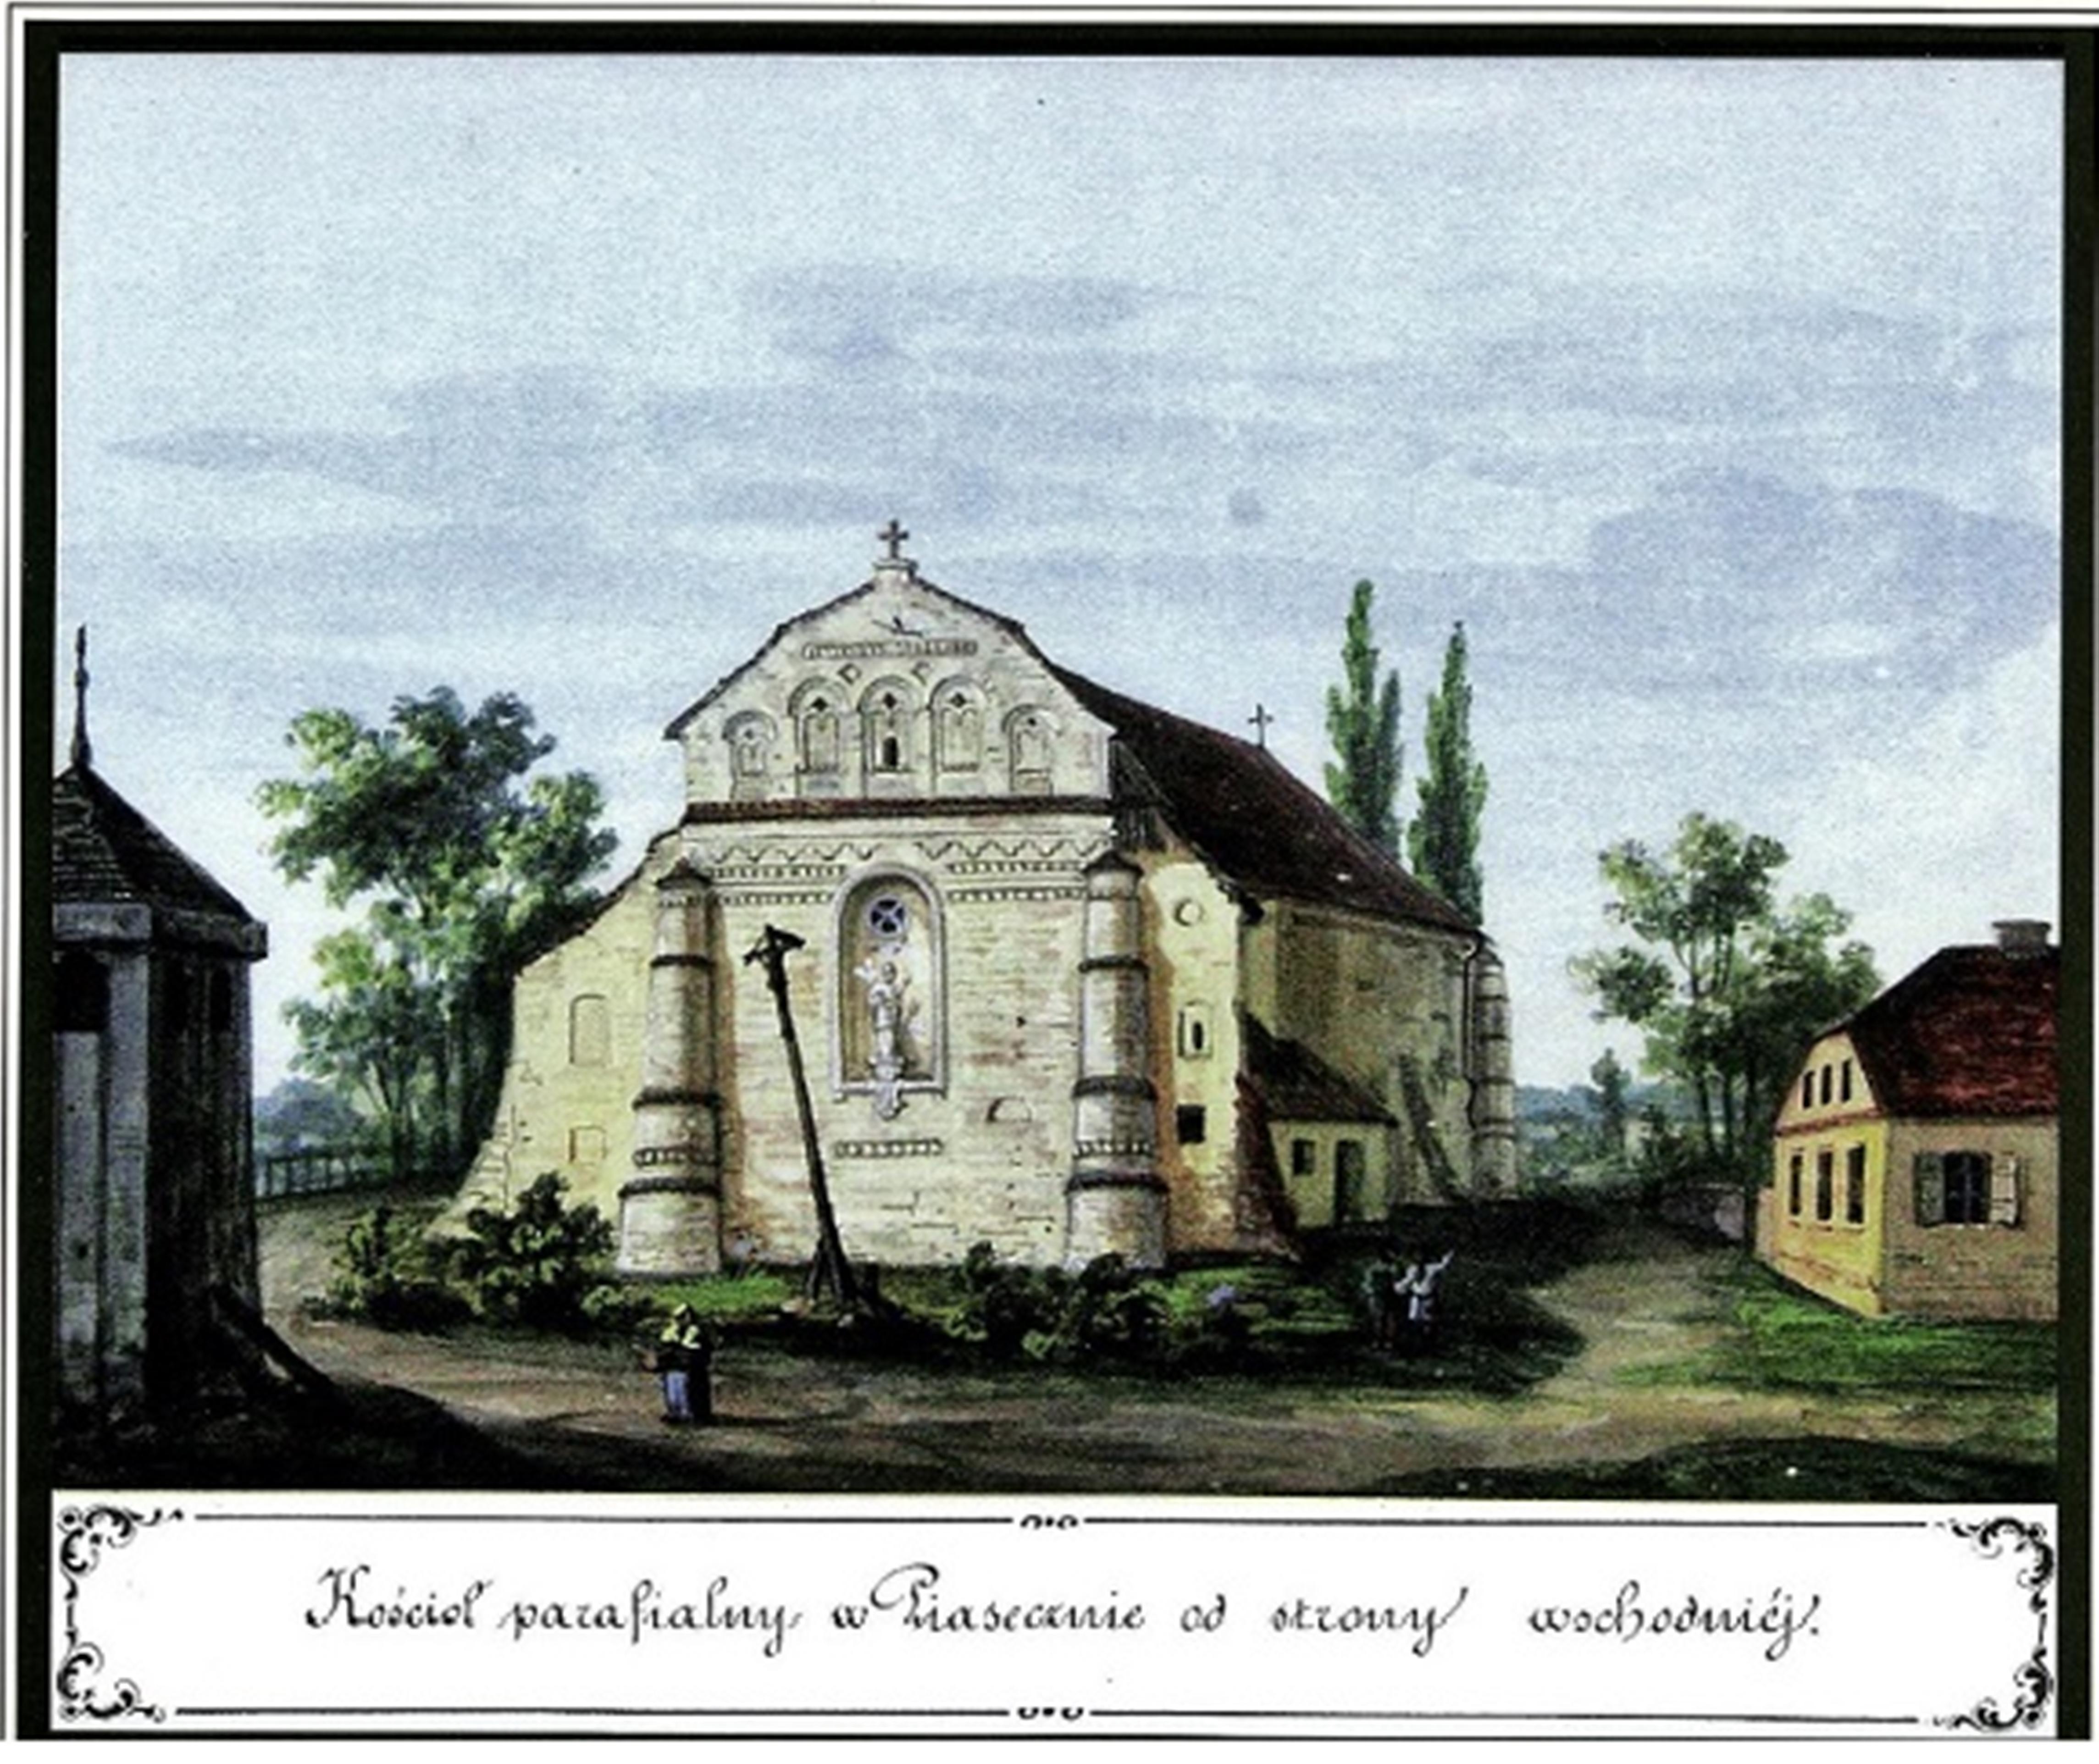 Kościół parafialny i plebania w Piasecznie od strony wschodniej. Rysunek Kazimierza Stronczyńskiego z 1844/1846 roku